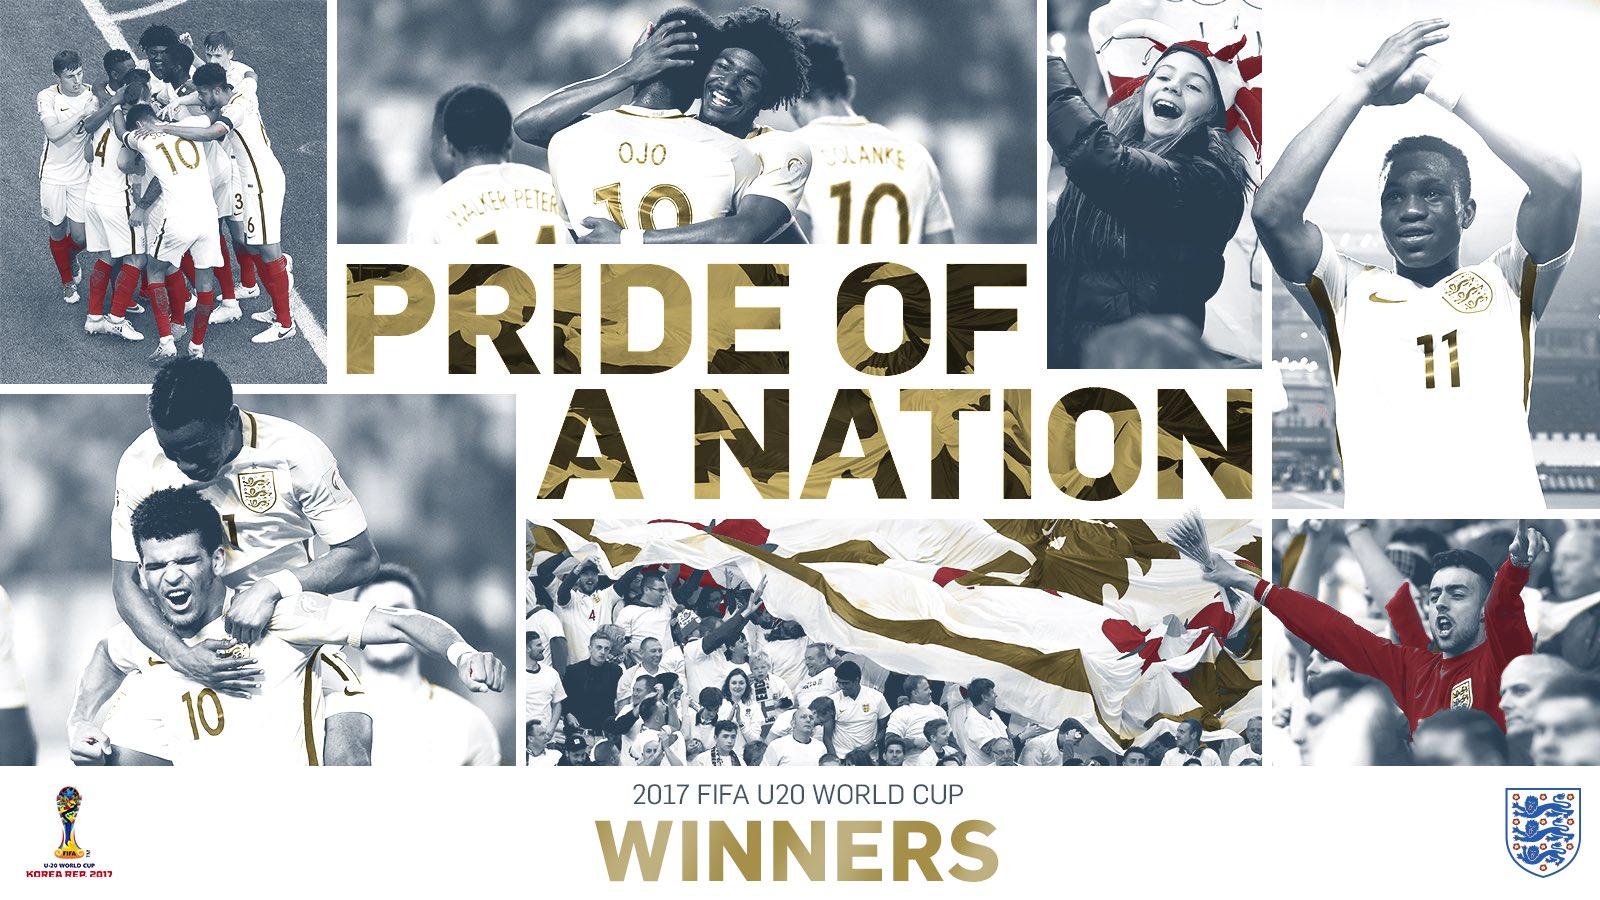 青春风暴!英格兰青年队首夺U20世界杯冠军